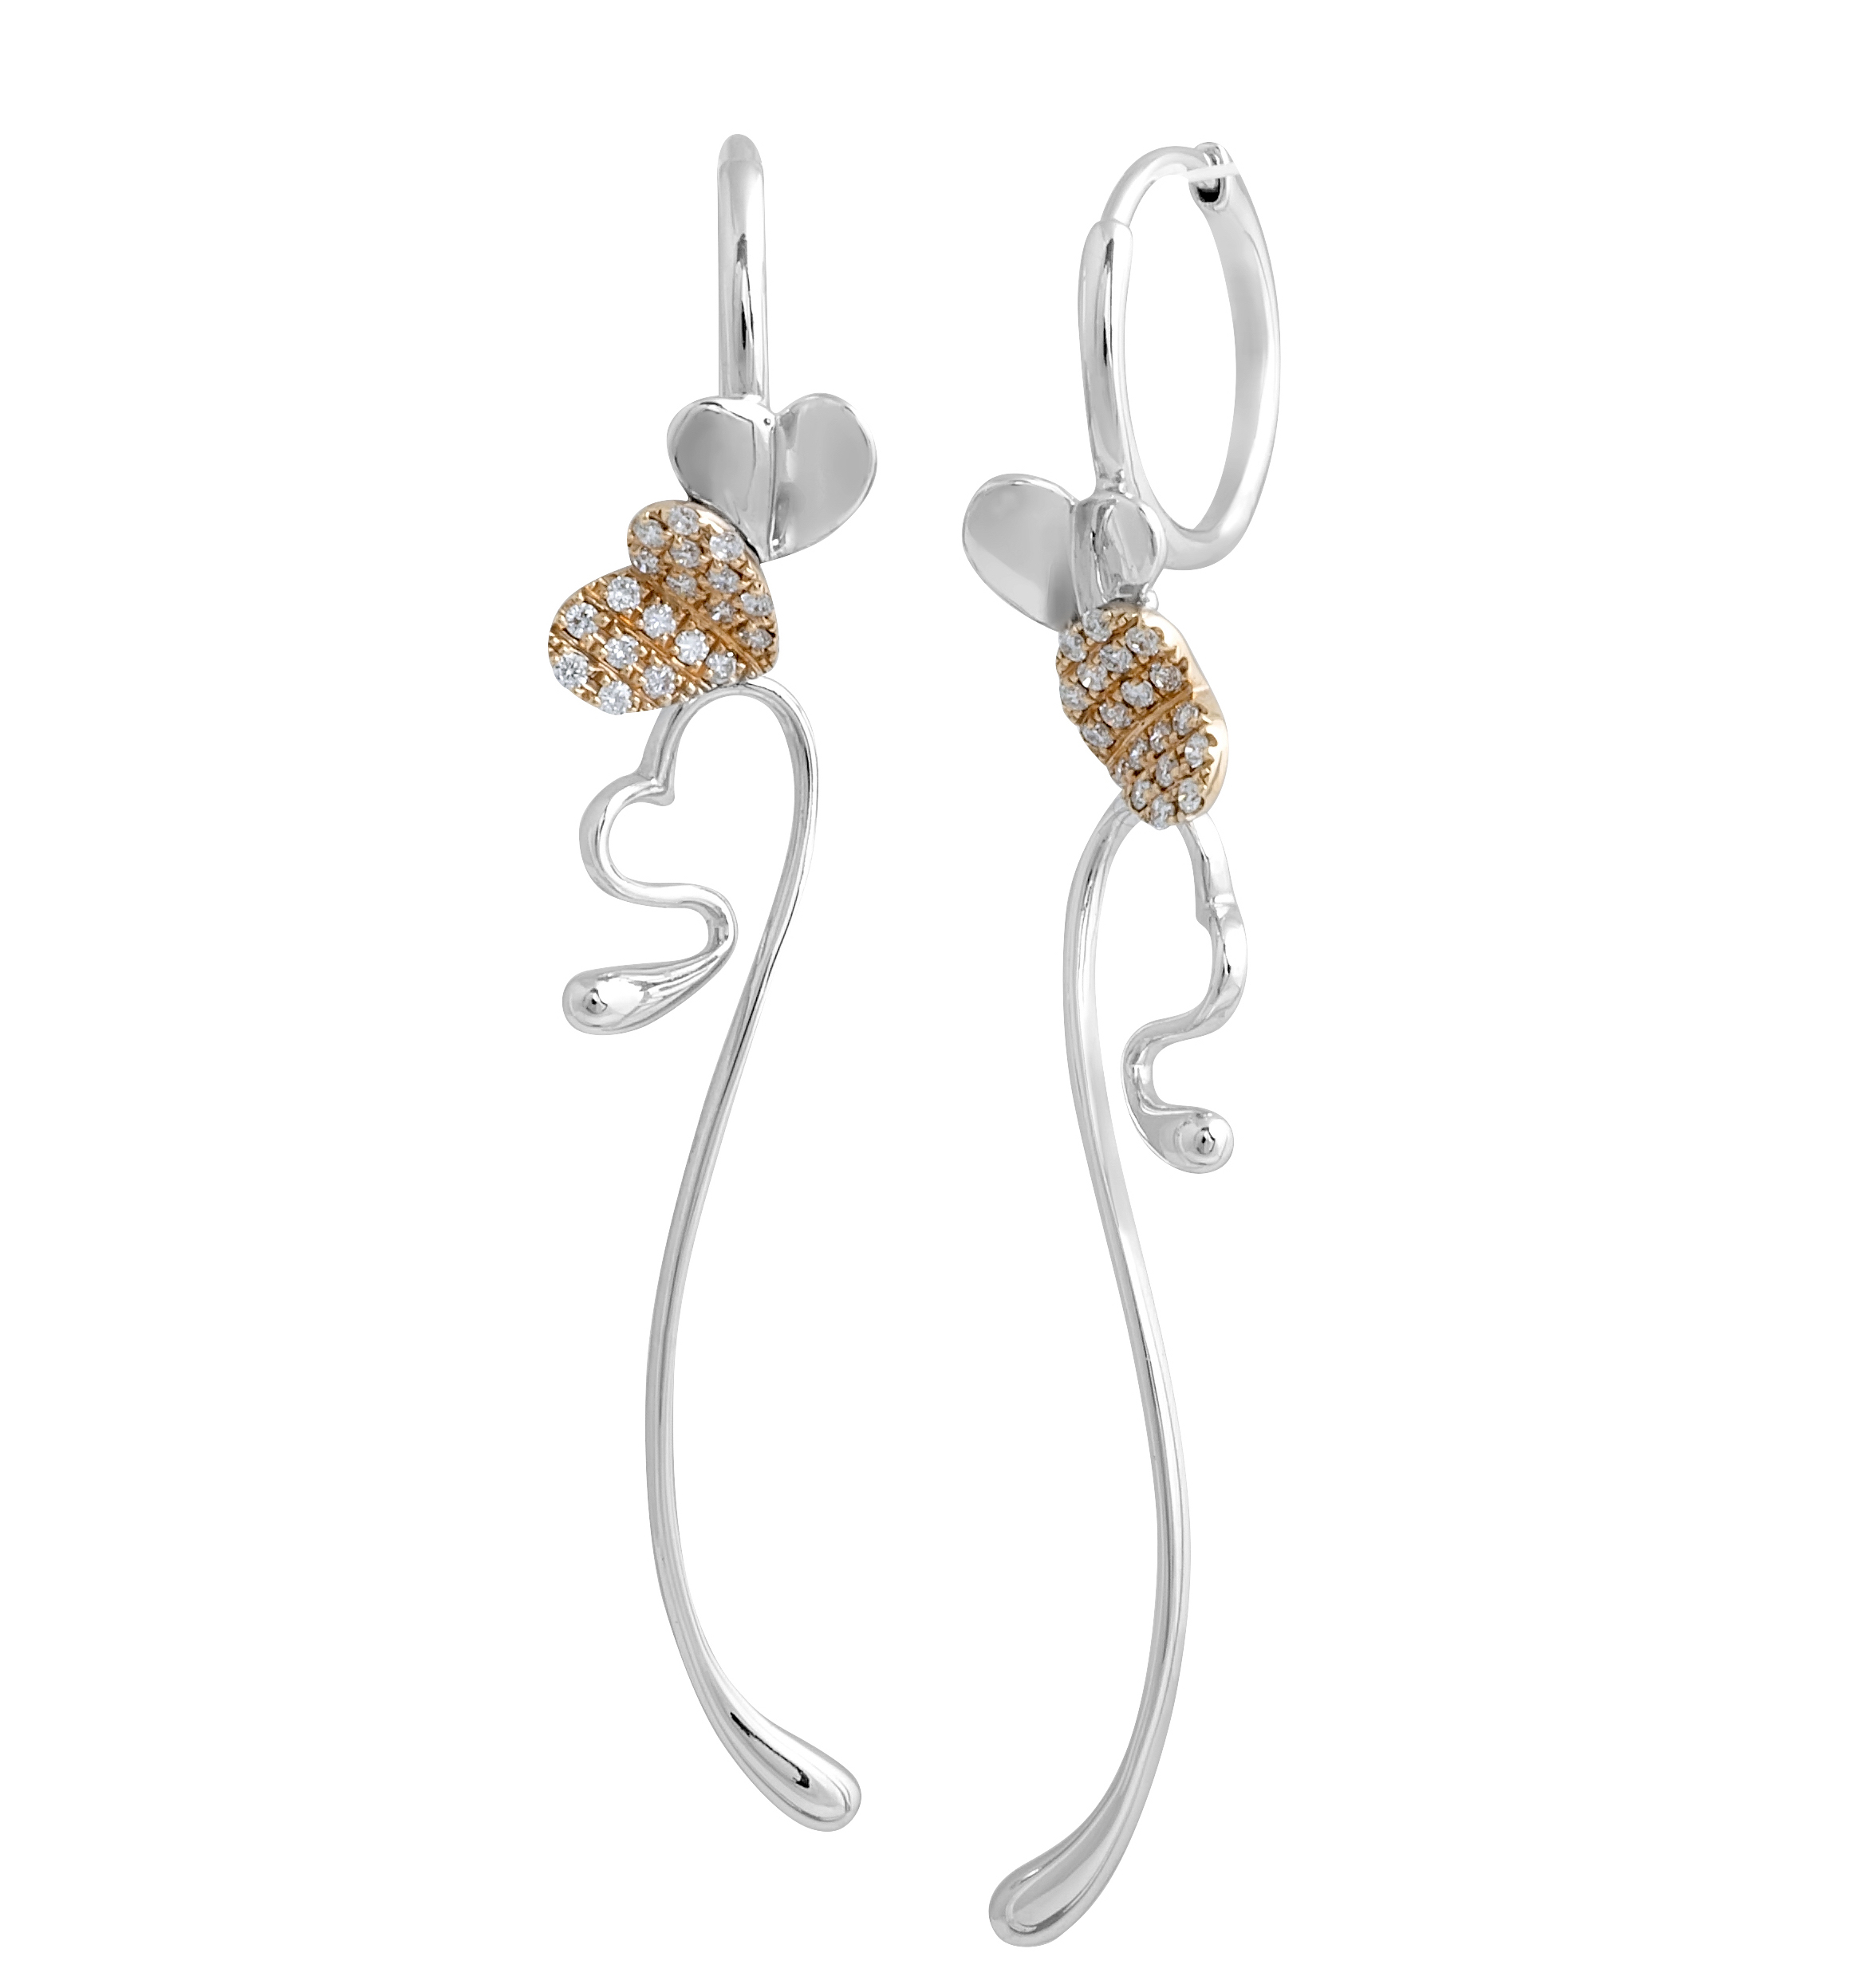 Two Tone 18 Karat Hanging Diamond Earrings rose gold